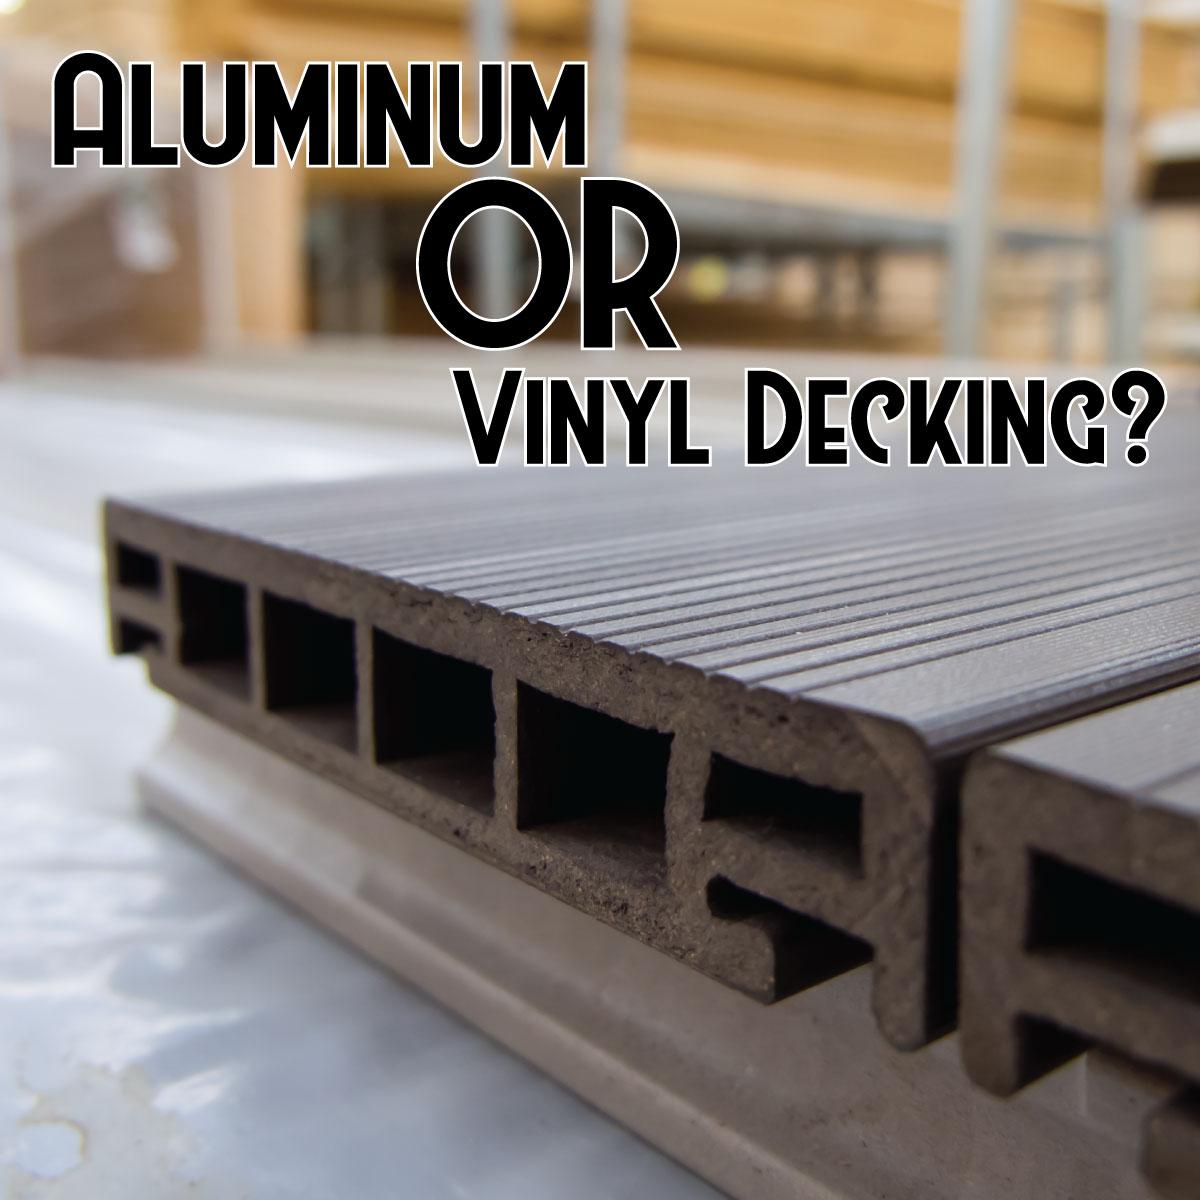 Aluminum or Vinyl Decking